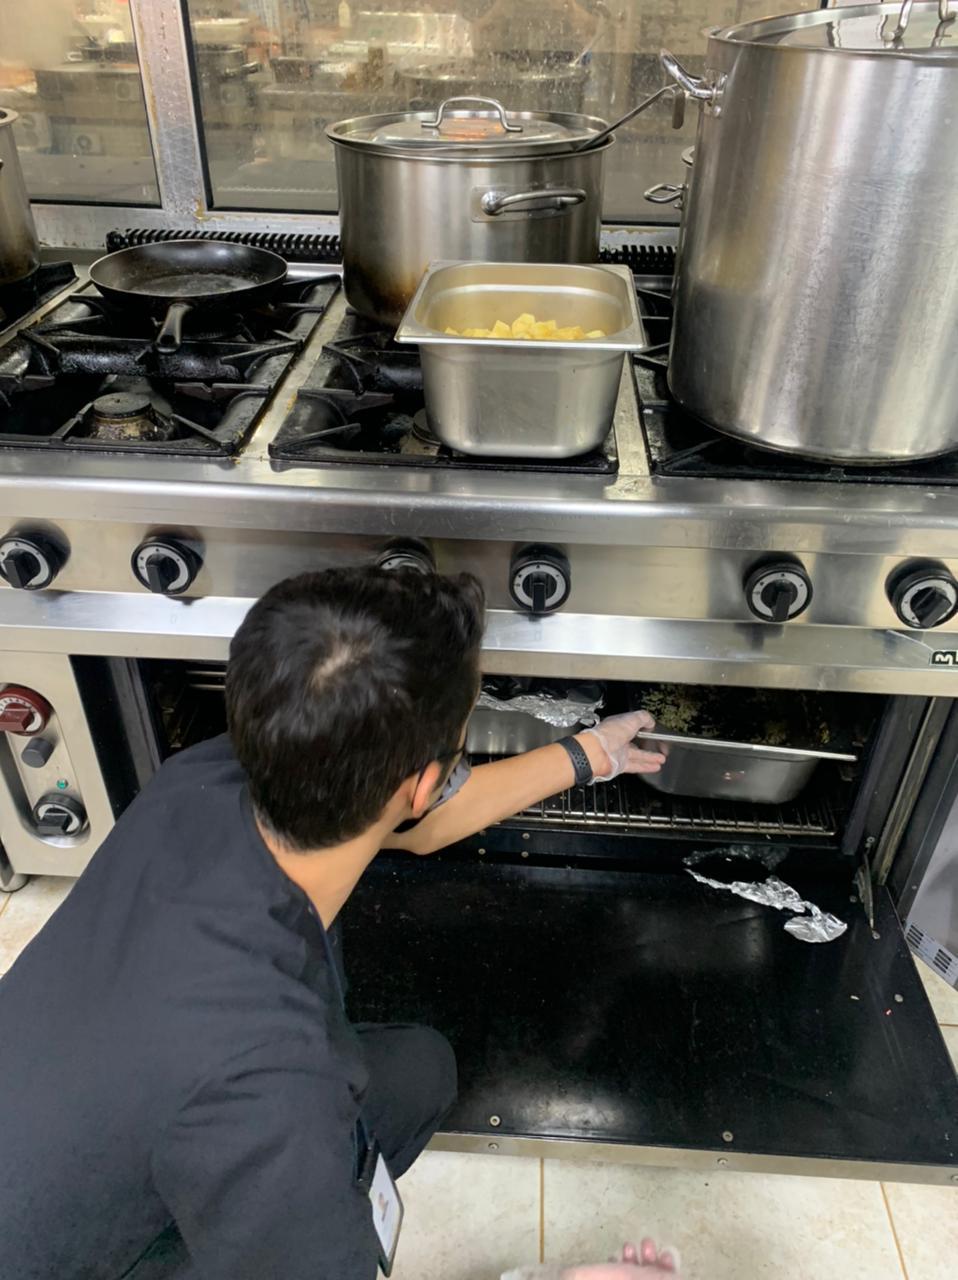 مصادرة 1300 كلغم من المواد غذائية الفاسدة بأحد مطاعم أبها - المواطن